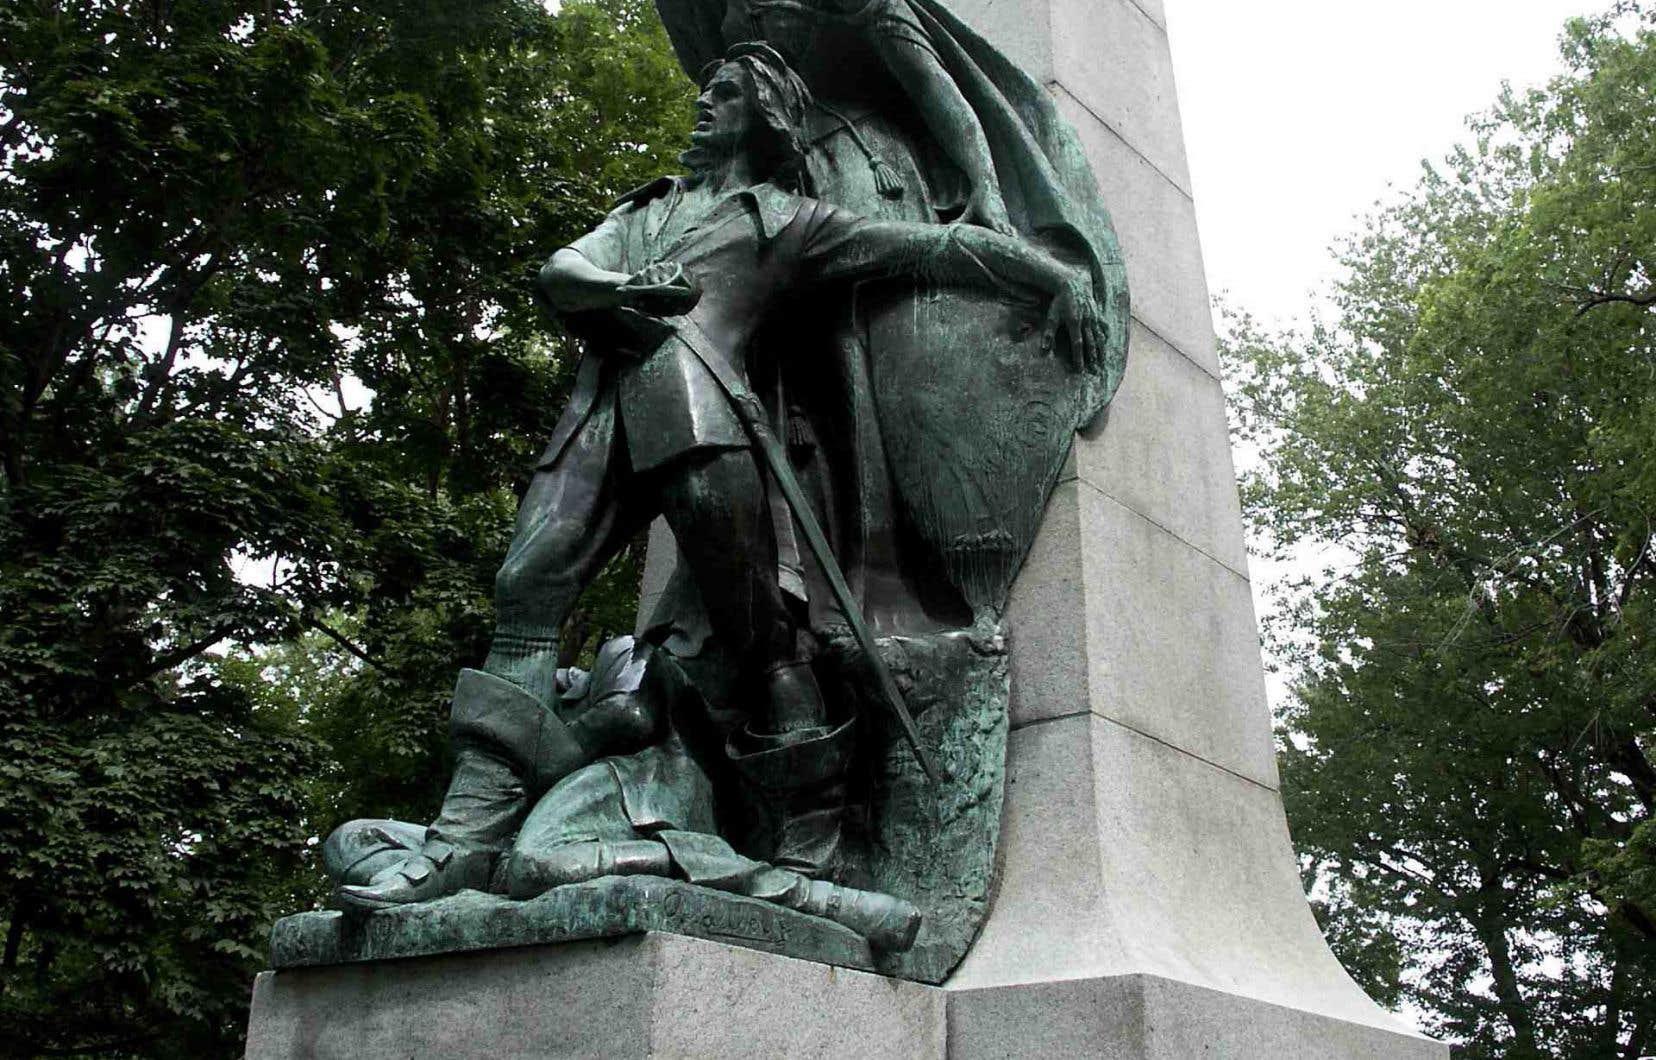 Des Ormeaux et Cavelier de La Salle passent aussi à l'abattoir. Nous savons que le premier, bien sûr, comme tous les lâches, est mort en combattant au Long-Sault. Mais sa mort ne suffit pas à nos braves iconoclastes pour qui il n'est qu'un «loser». En photo, la statue en l'honneur de Dollard des Ormeaux, sise au parc La Fontaine à Montréal.